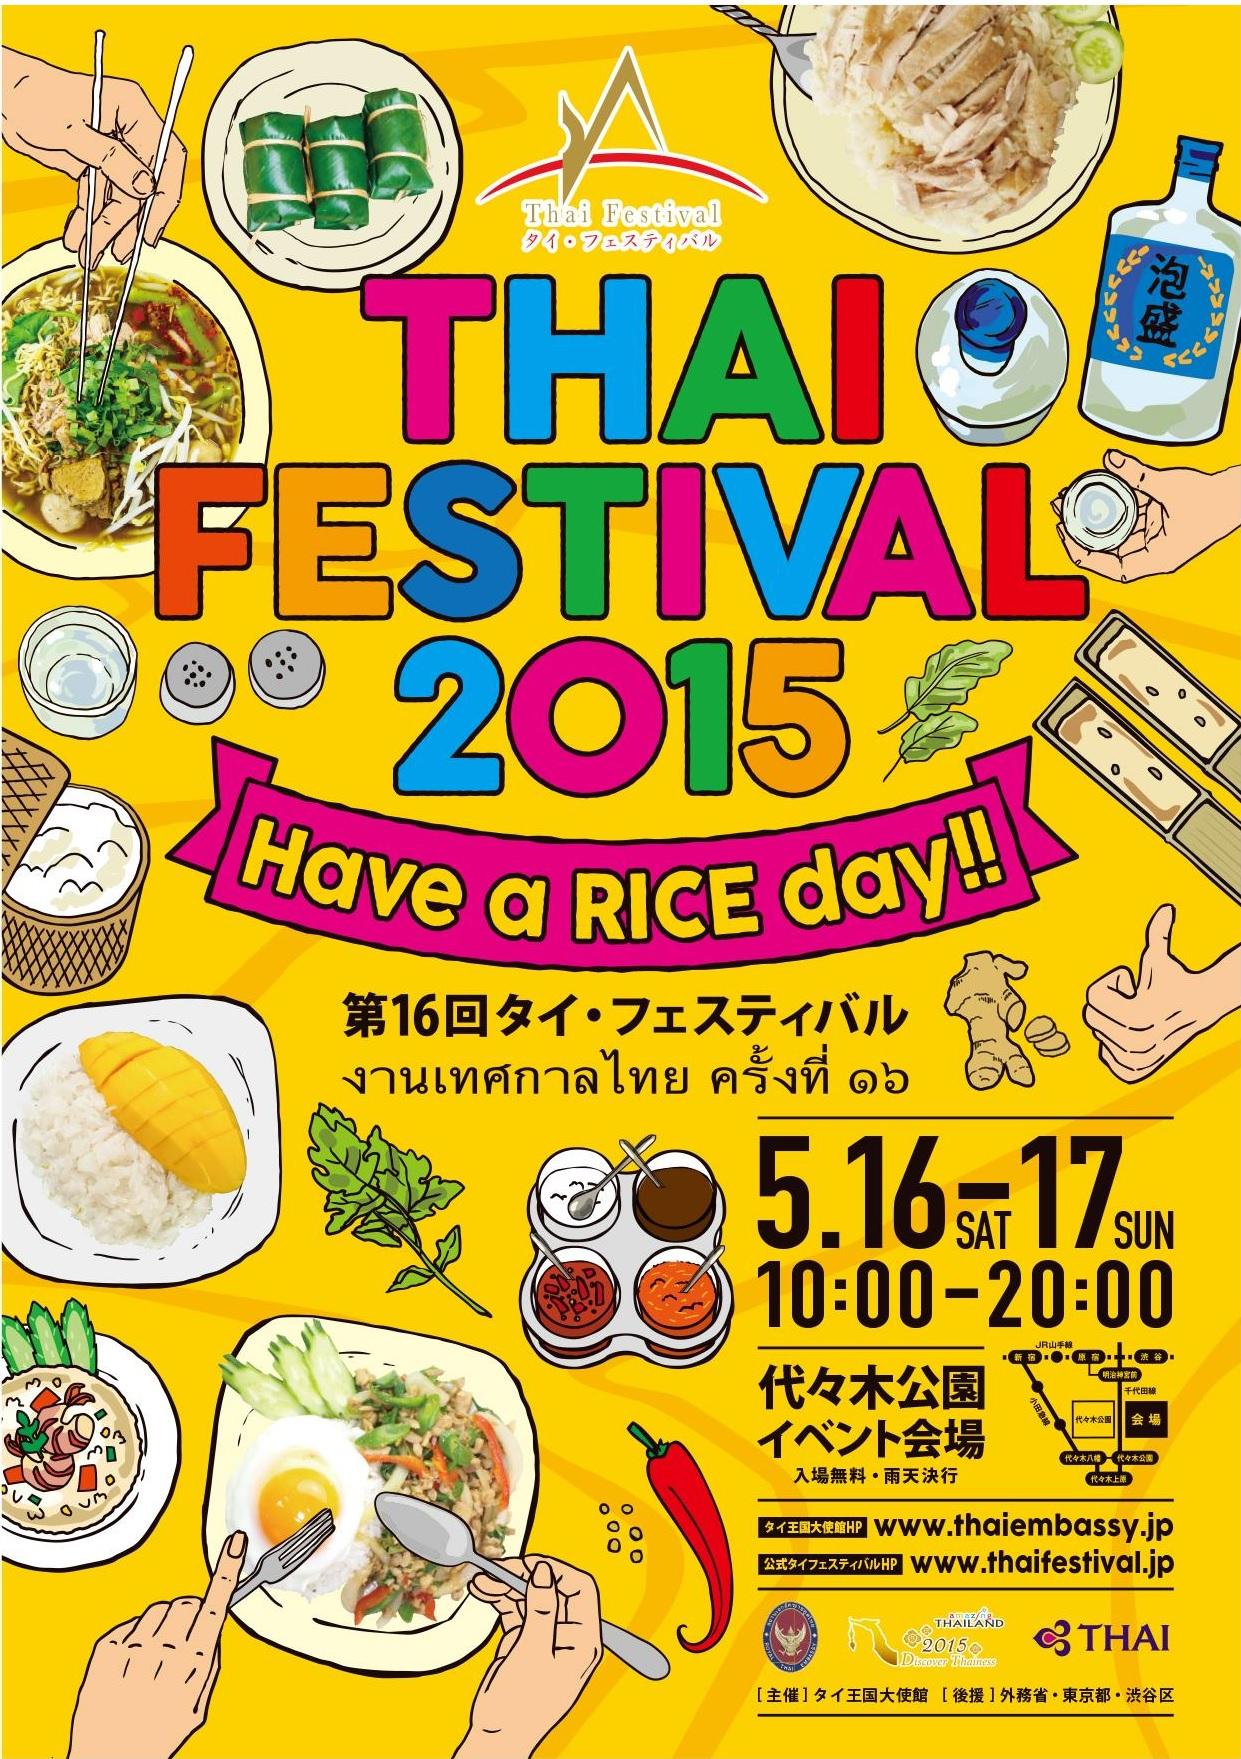 第16回 タイ・フェスティバル2015のポスター